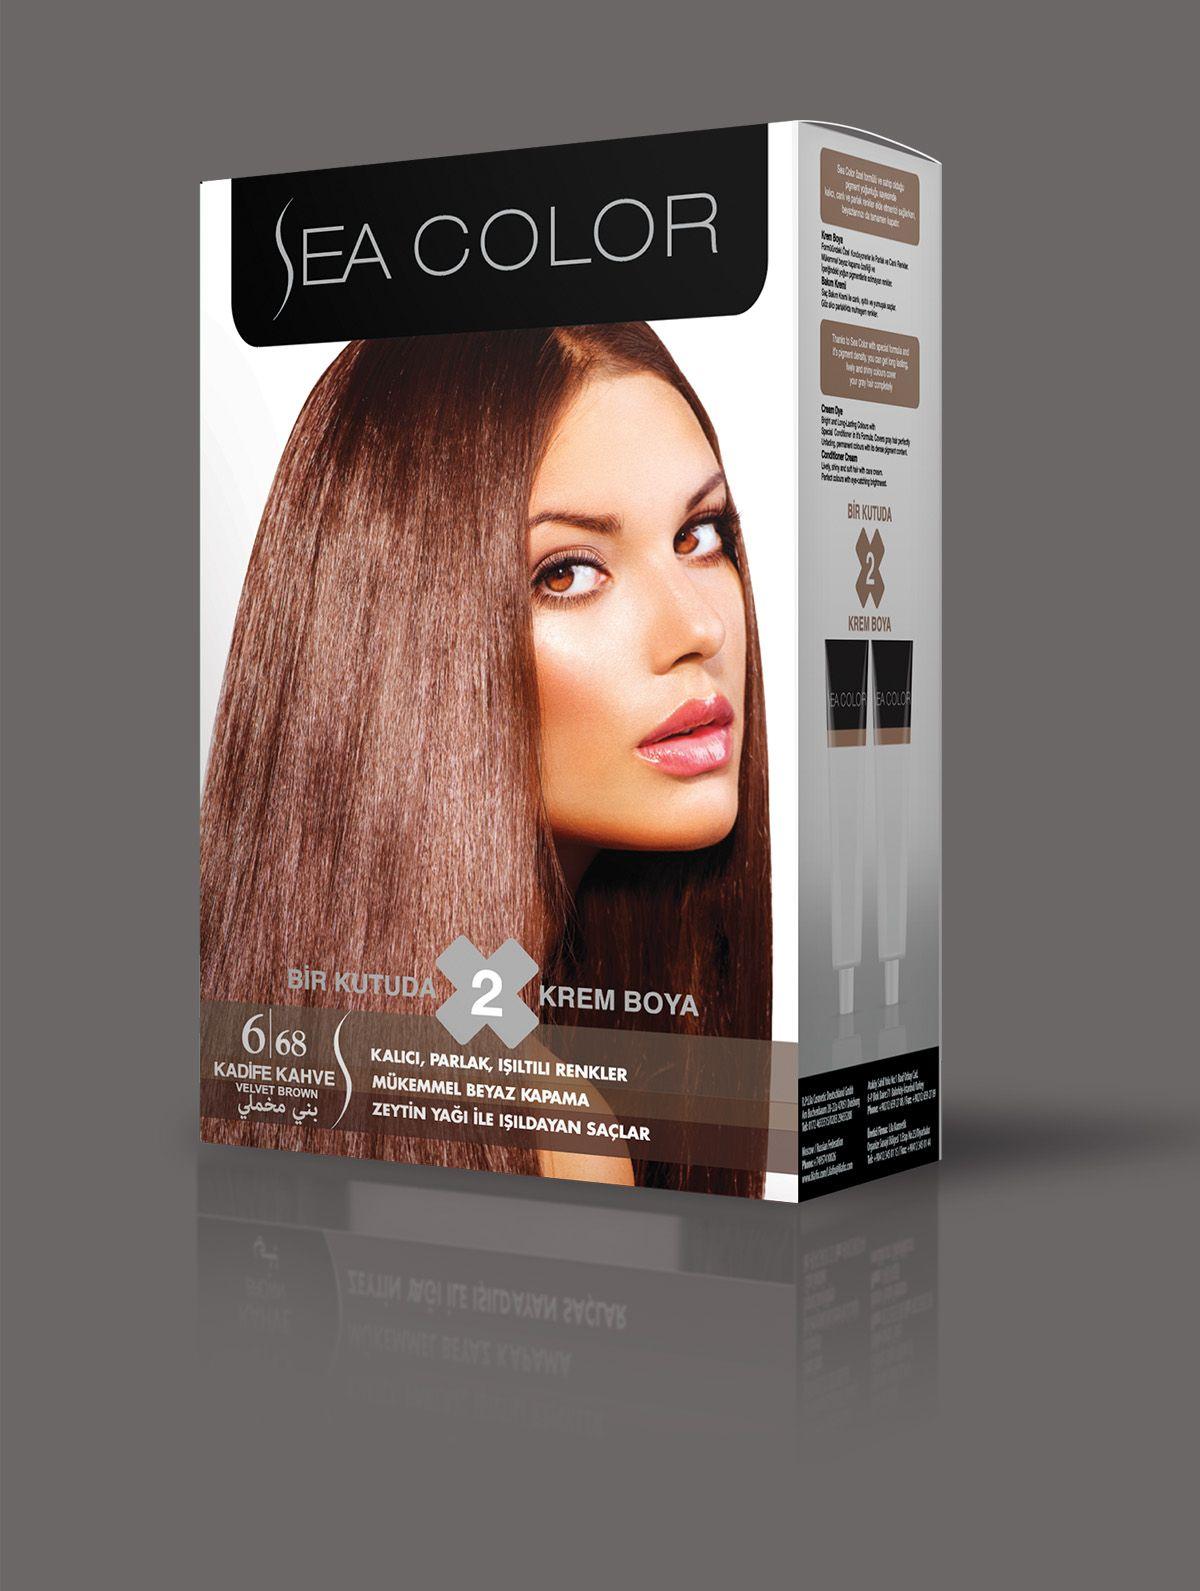 Sea Color Sac Boyasi 6 68 Kadife Kahve Kadife Renkler Sac Boyasi